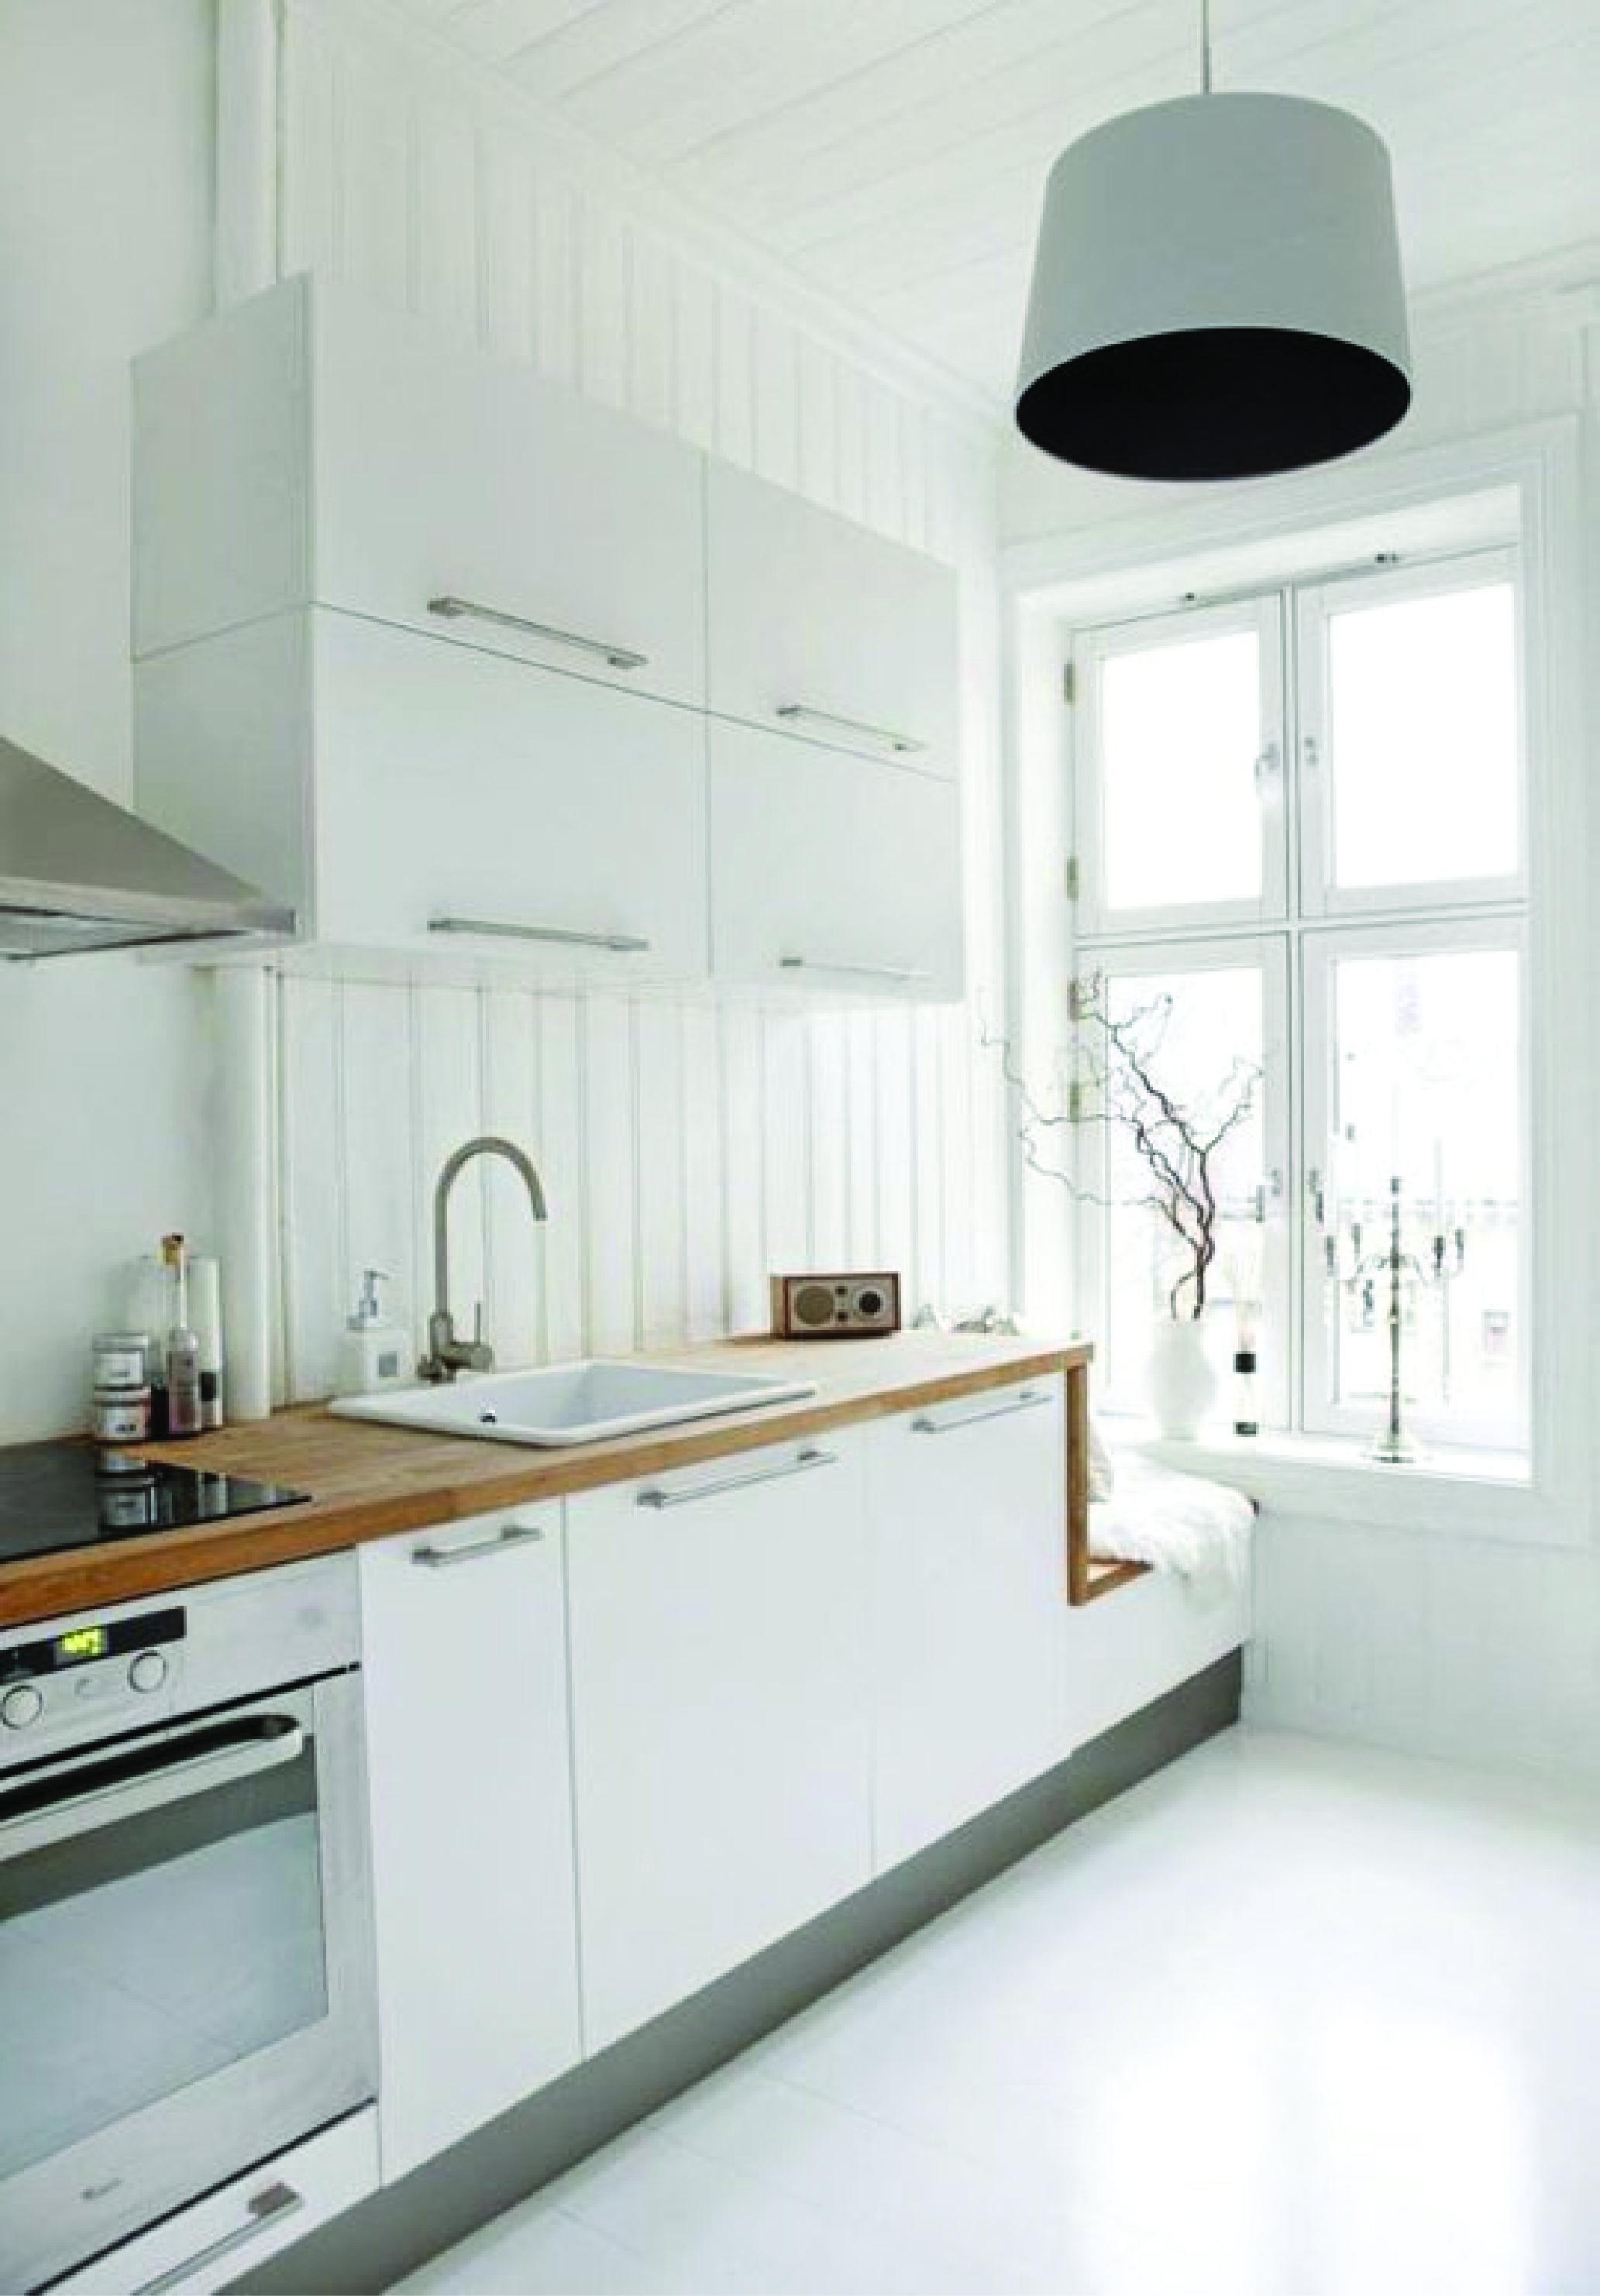 Modern kitchen window design  wood block counter  kitchen  cocina  pinterest  woods kitchens